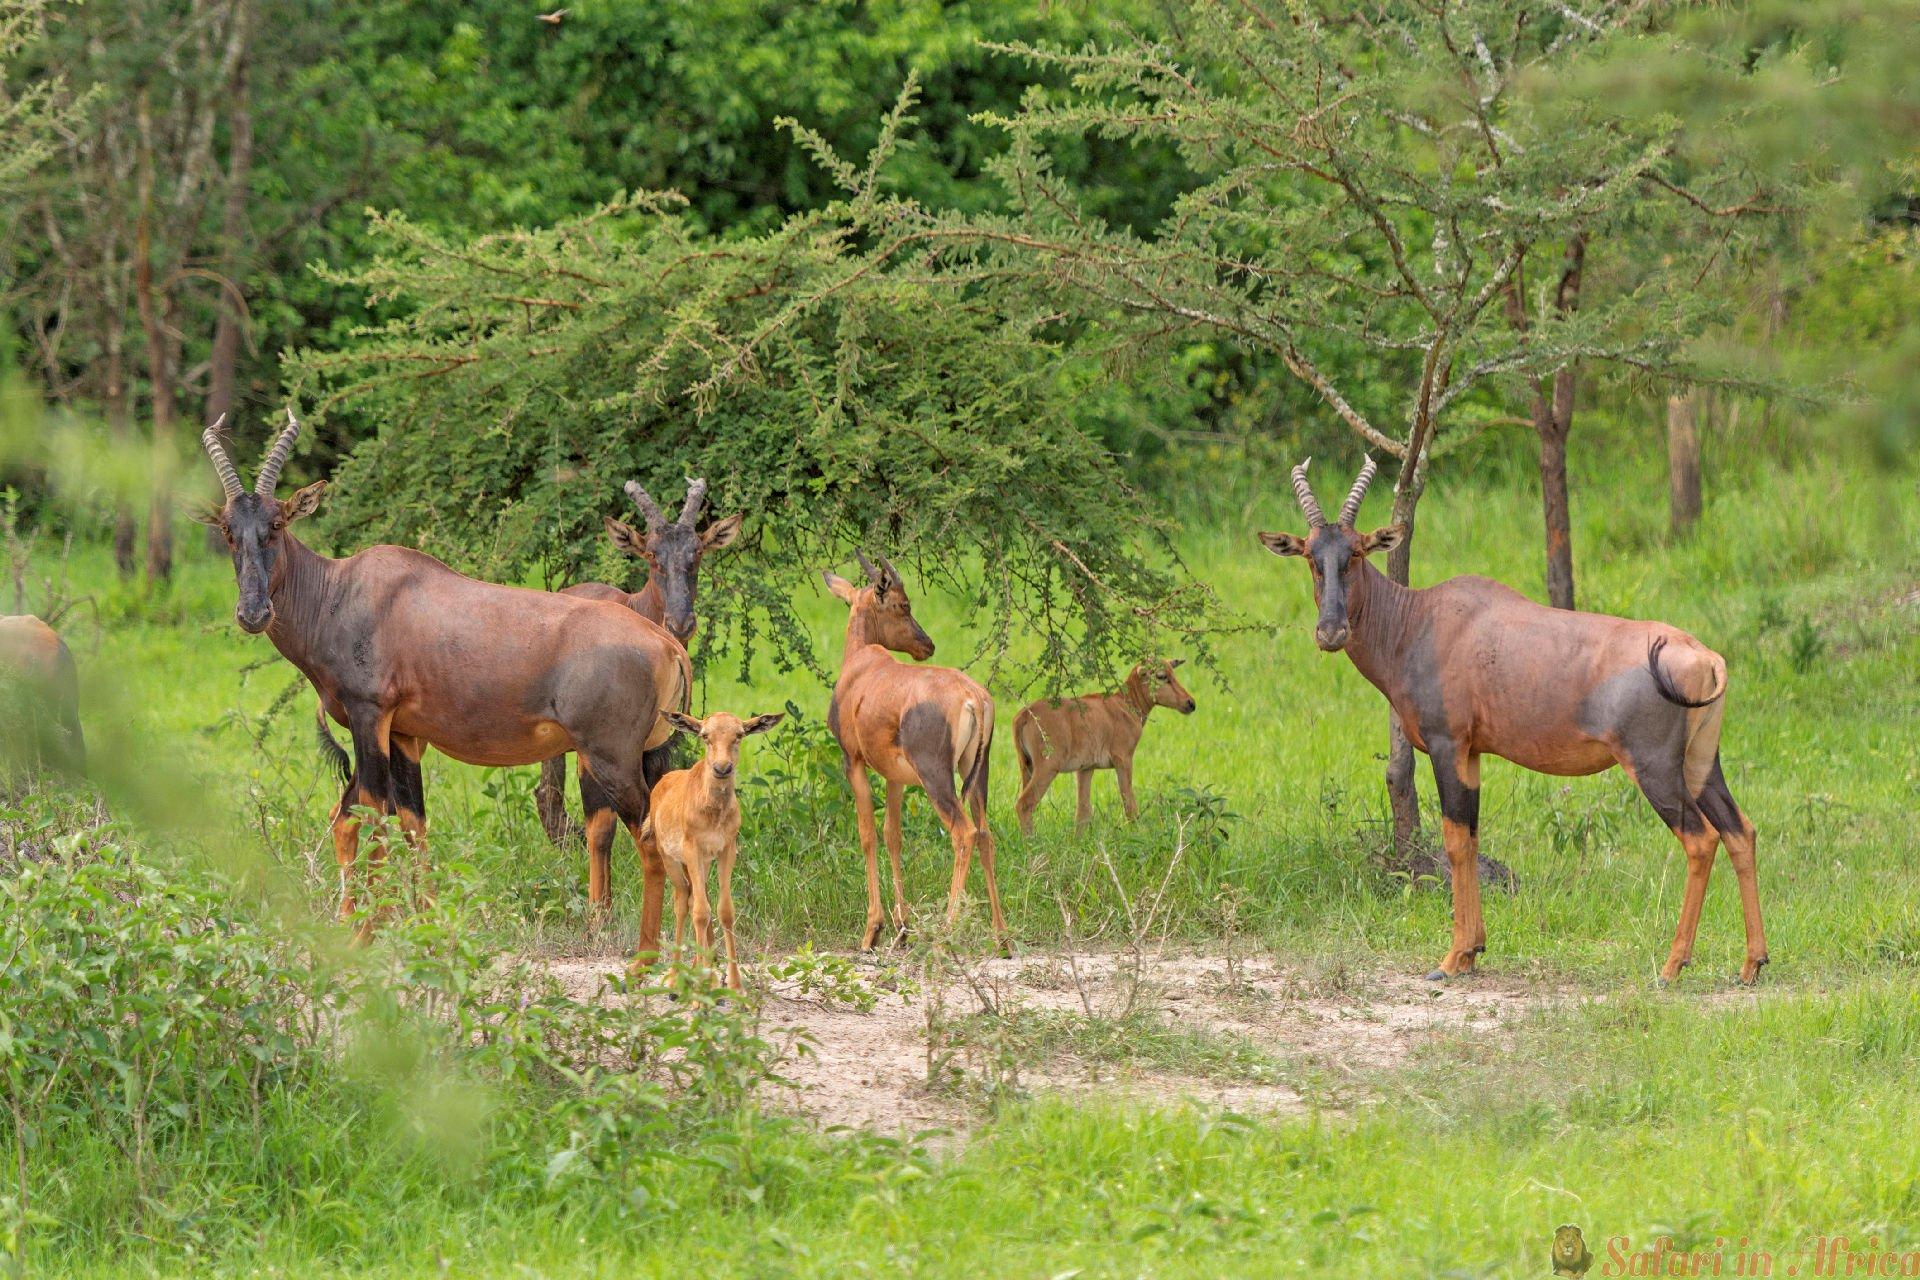 Topi Family in the Savannah of Lake Mburo National Park in Uganda